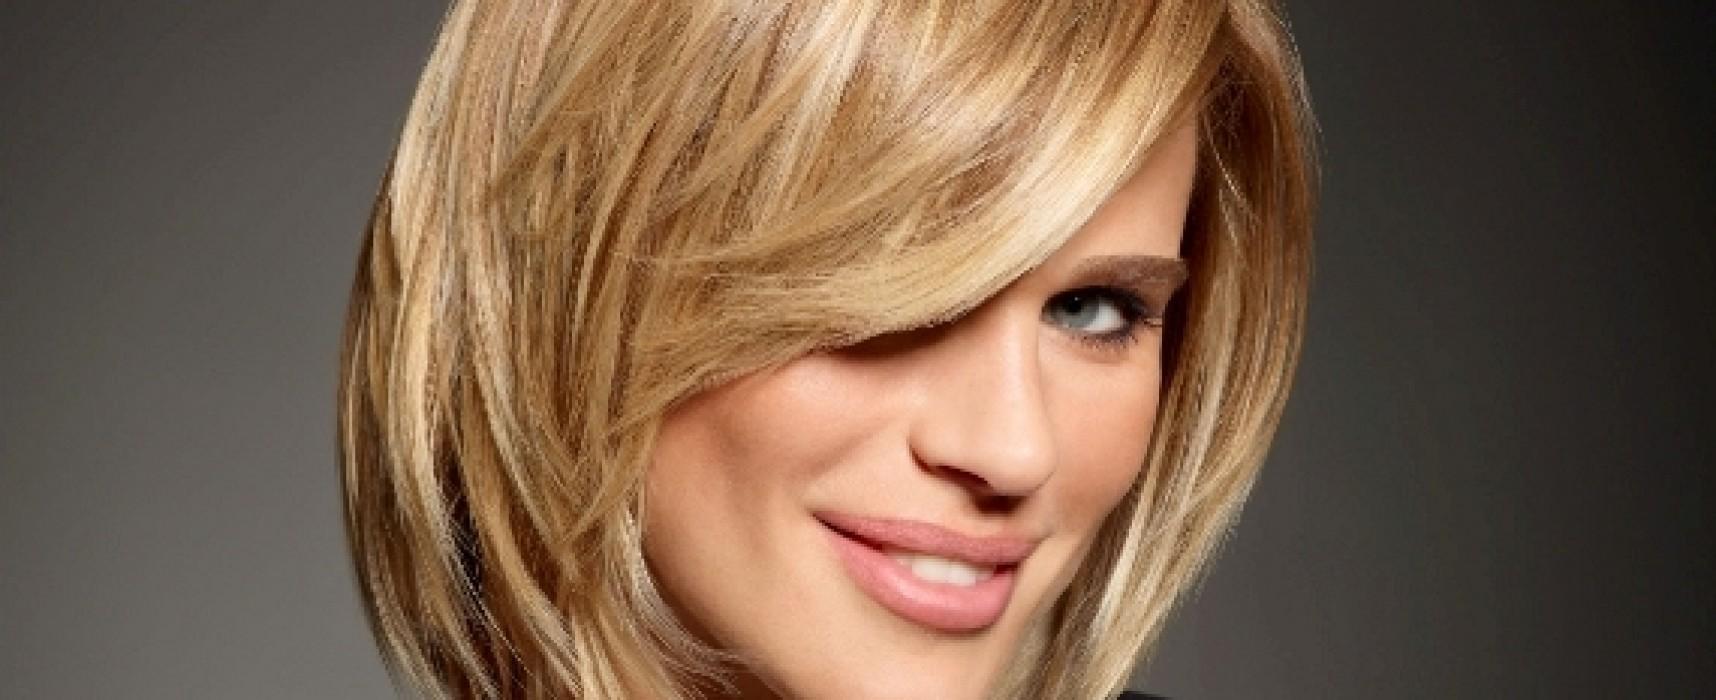 Стрижки на средние волосы для широкого лица фото